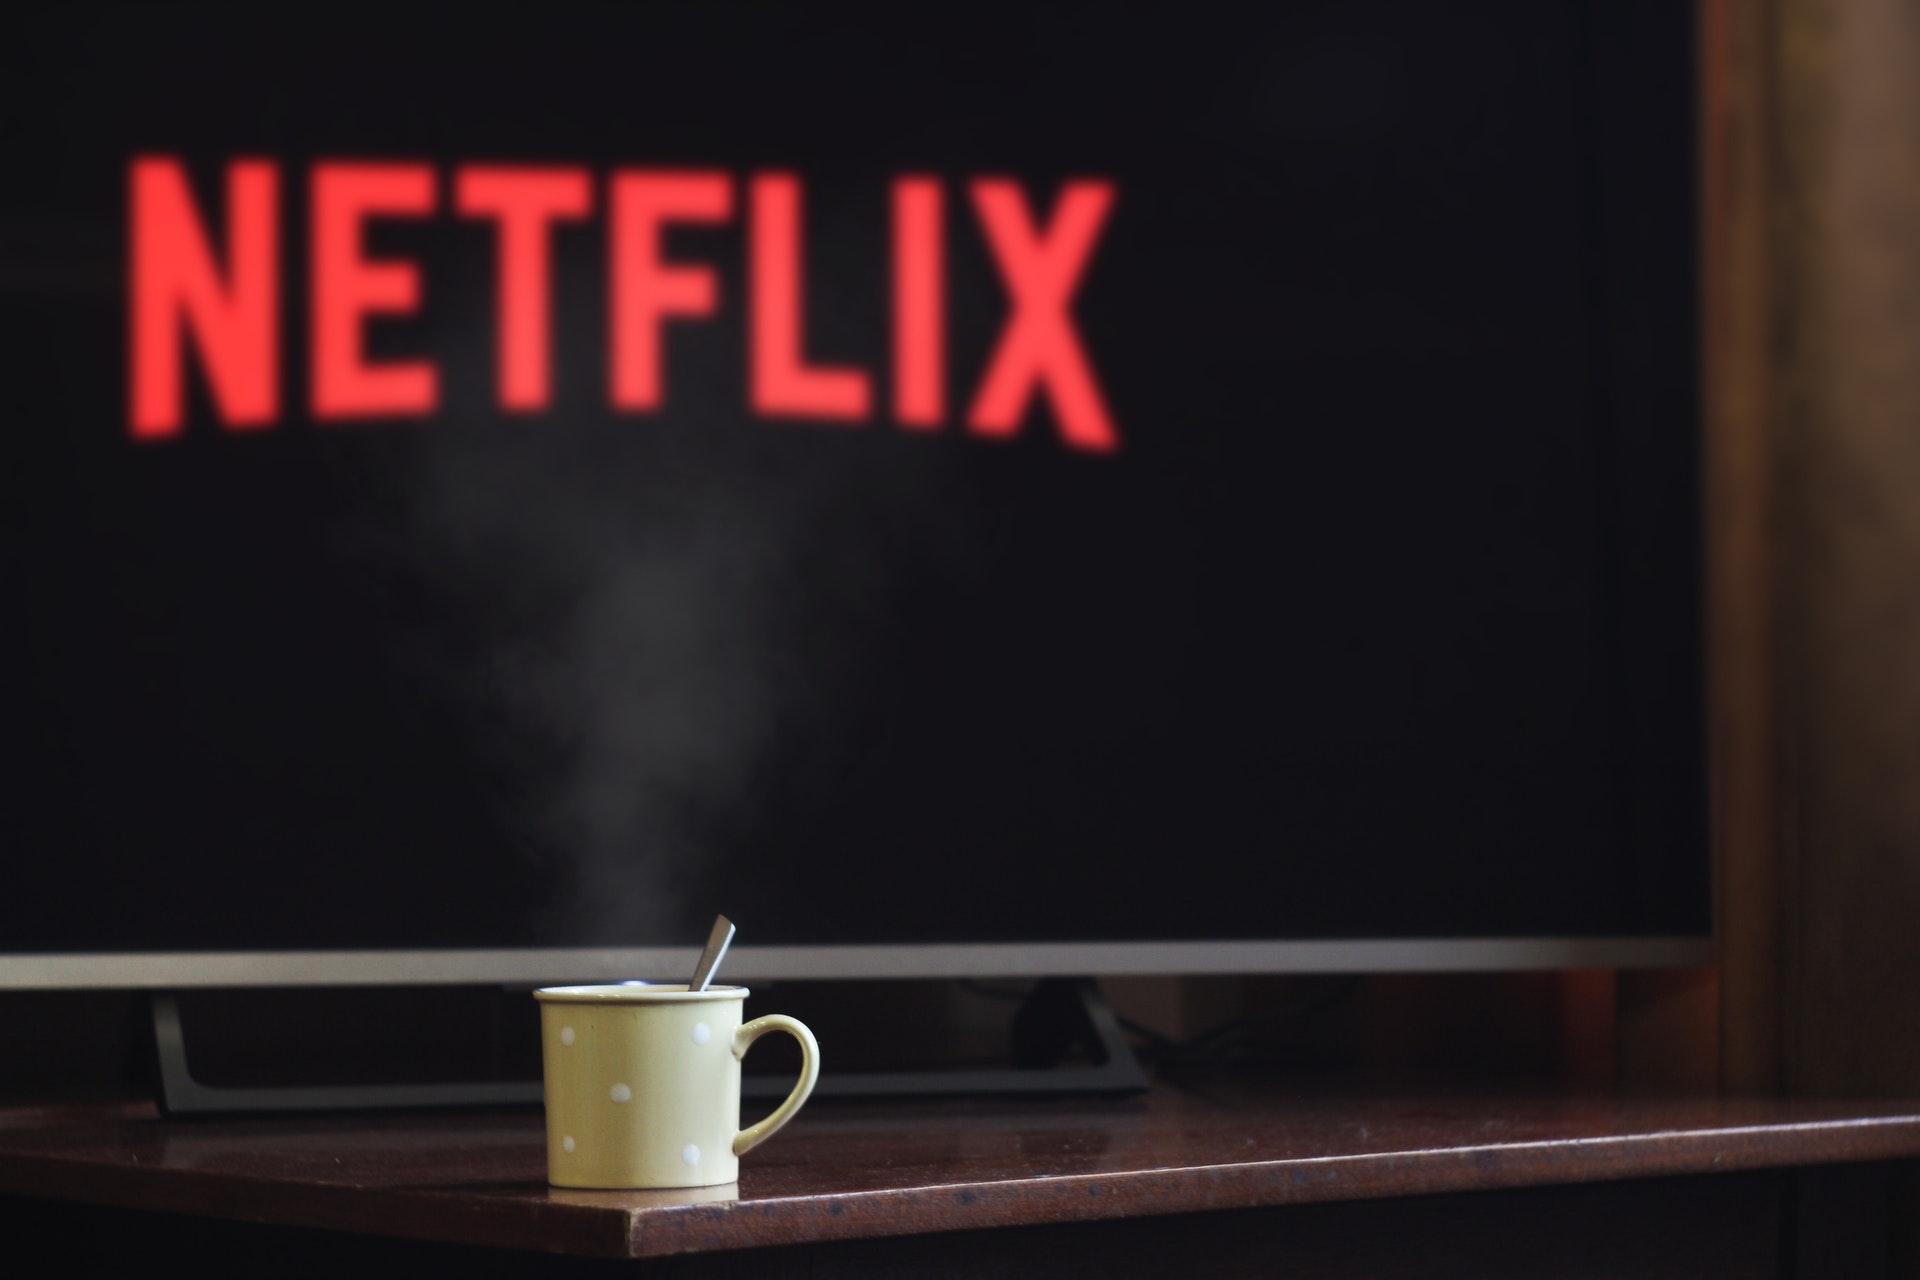 Netflix indisponible sur des Samsung TV : la marque rassure les clients français